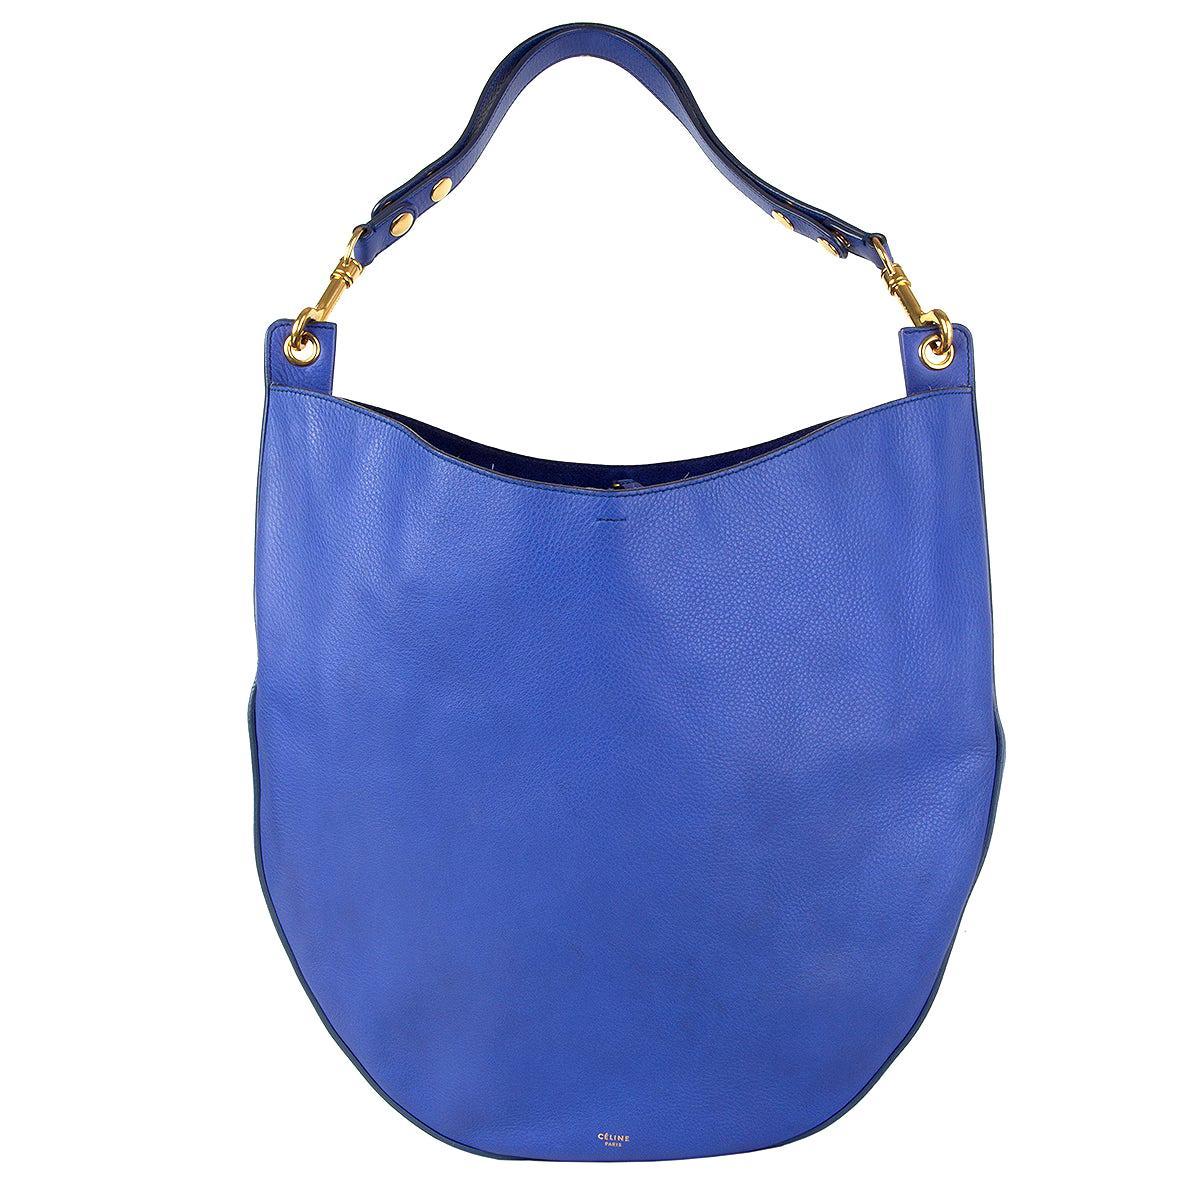 CELINE Indigo HOBO LARGE Shoulder Bag Supple Calf leather